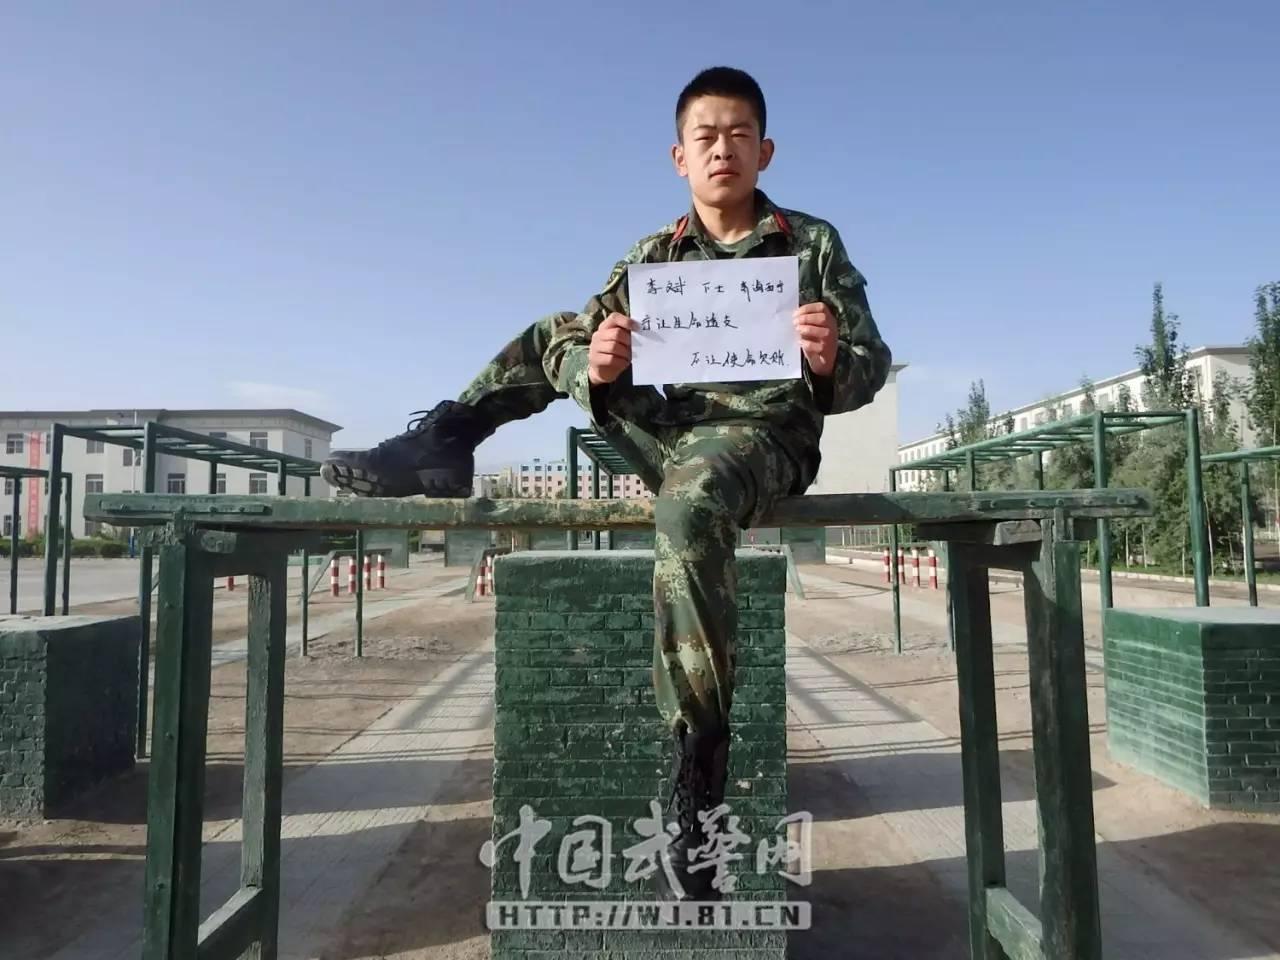 记者天路行|青藏铁路线最大中转站的武警巡逻兵